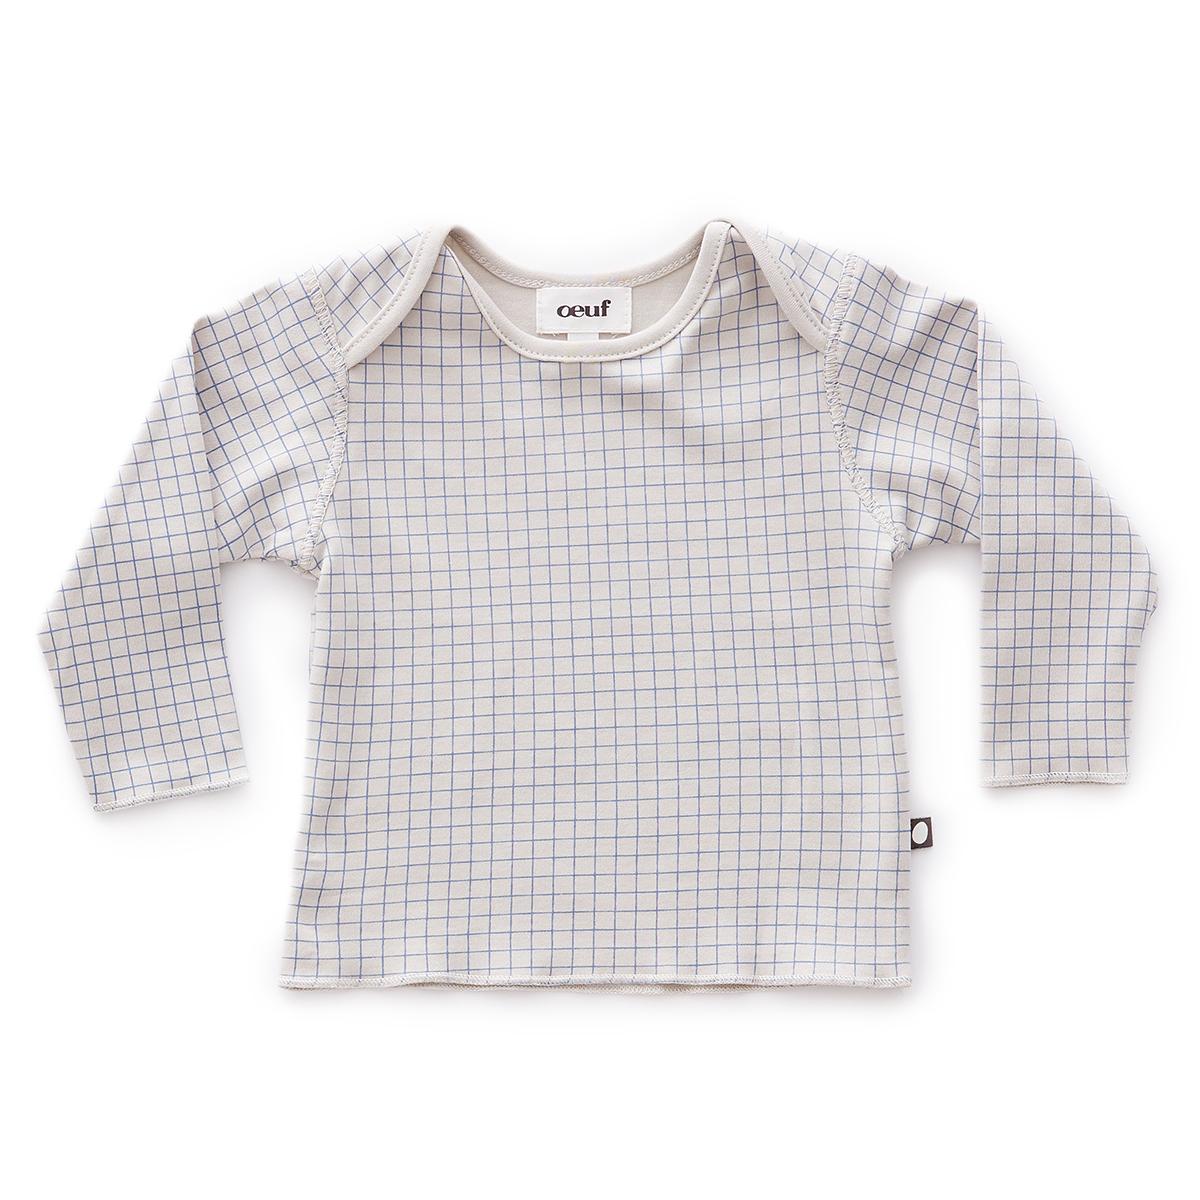 Haut bébé Tee-shirt à Carreaux Gris et Bleu - 18 Mois Tee-shirt à Carreaux Gris et Bleu - 18 Mois